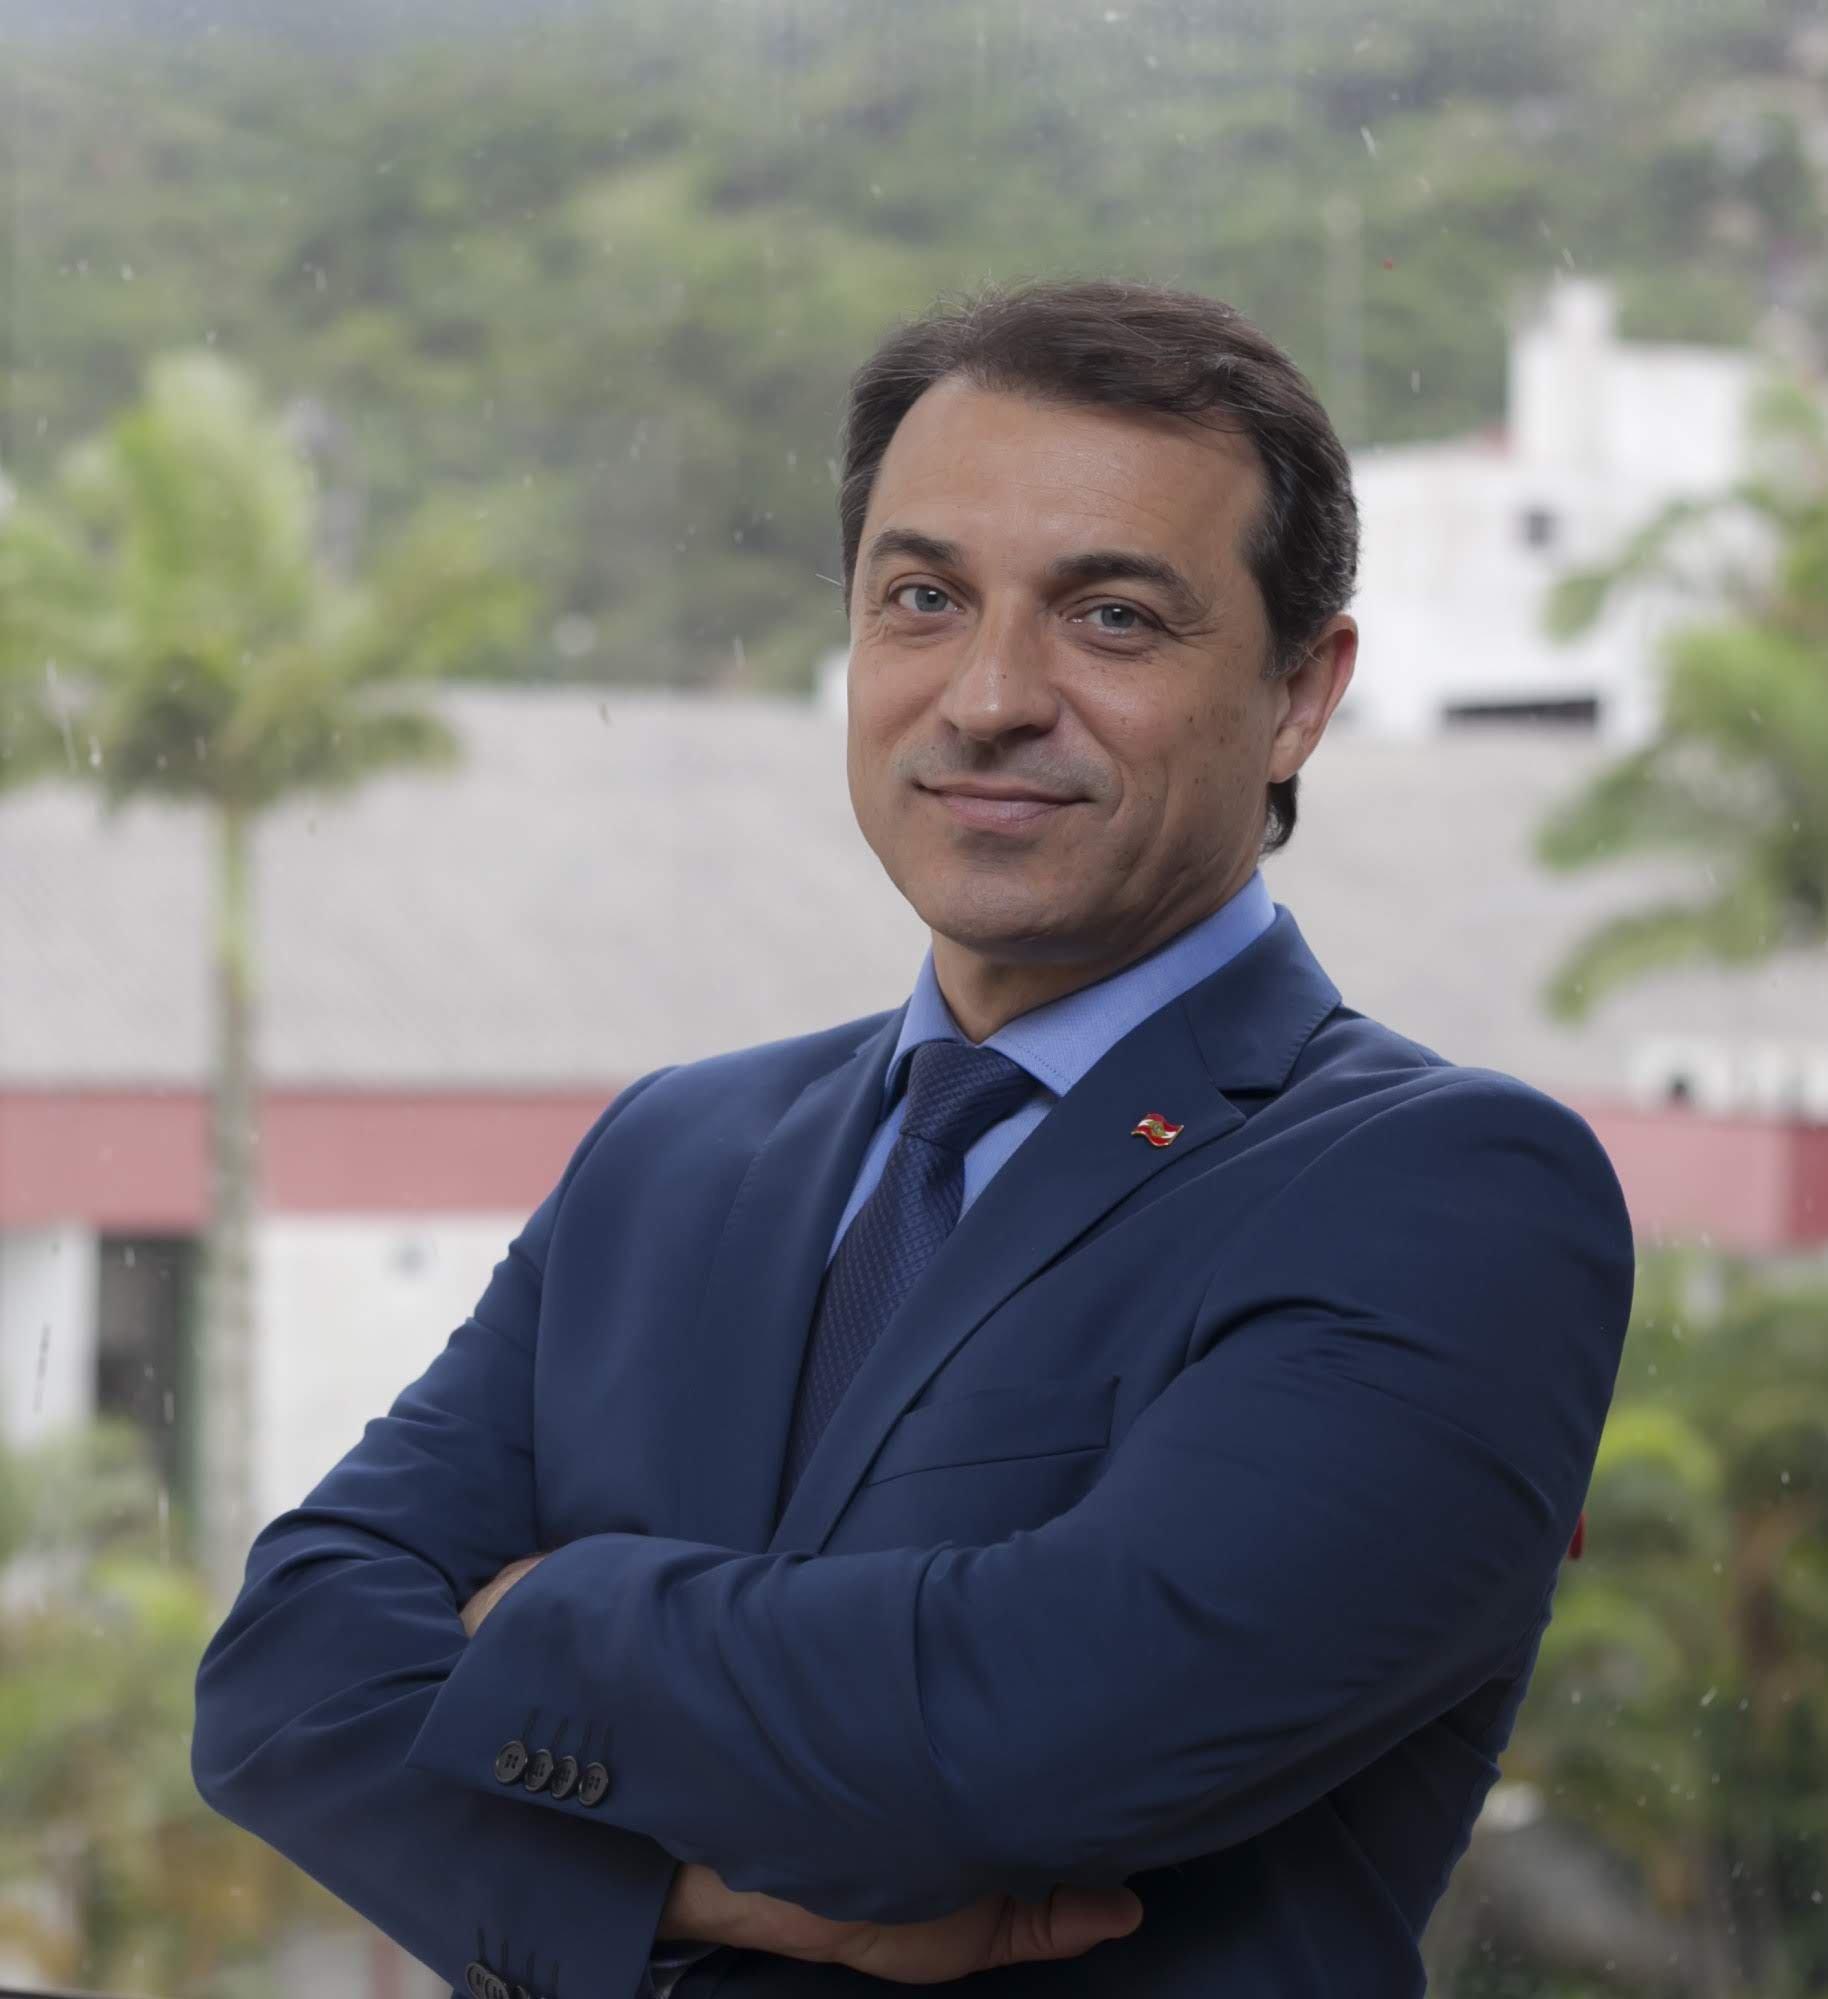 Governador de Santa Catarina é afastado em processo de impeachment | Exame